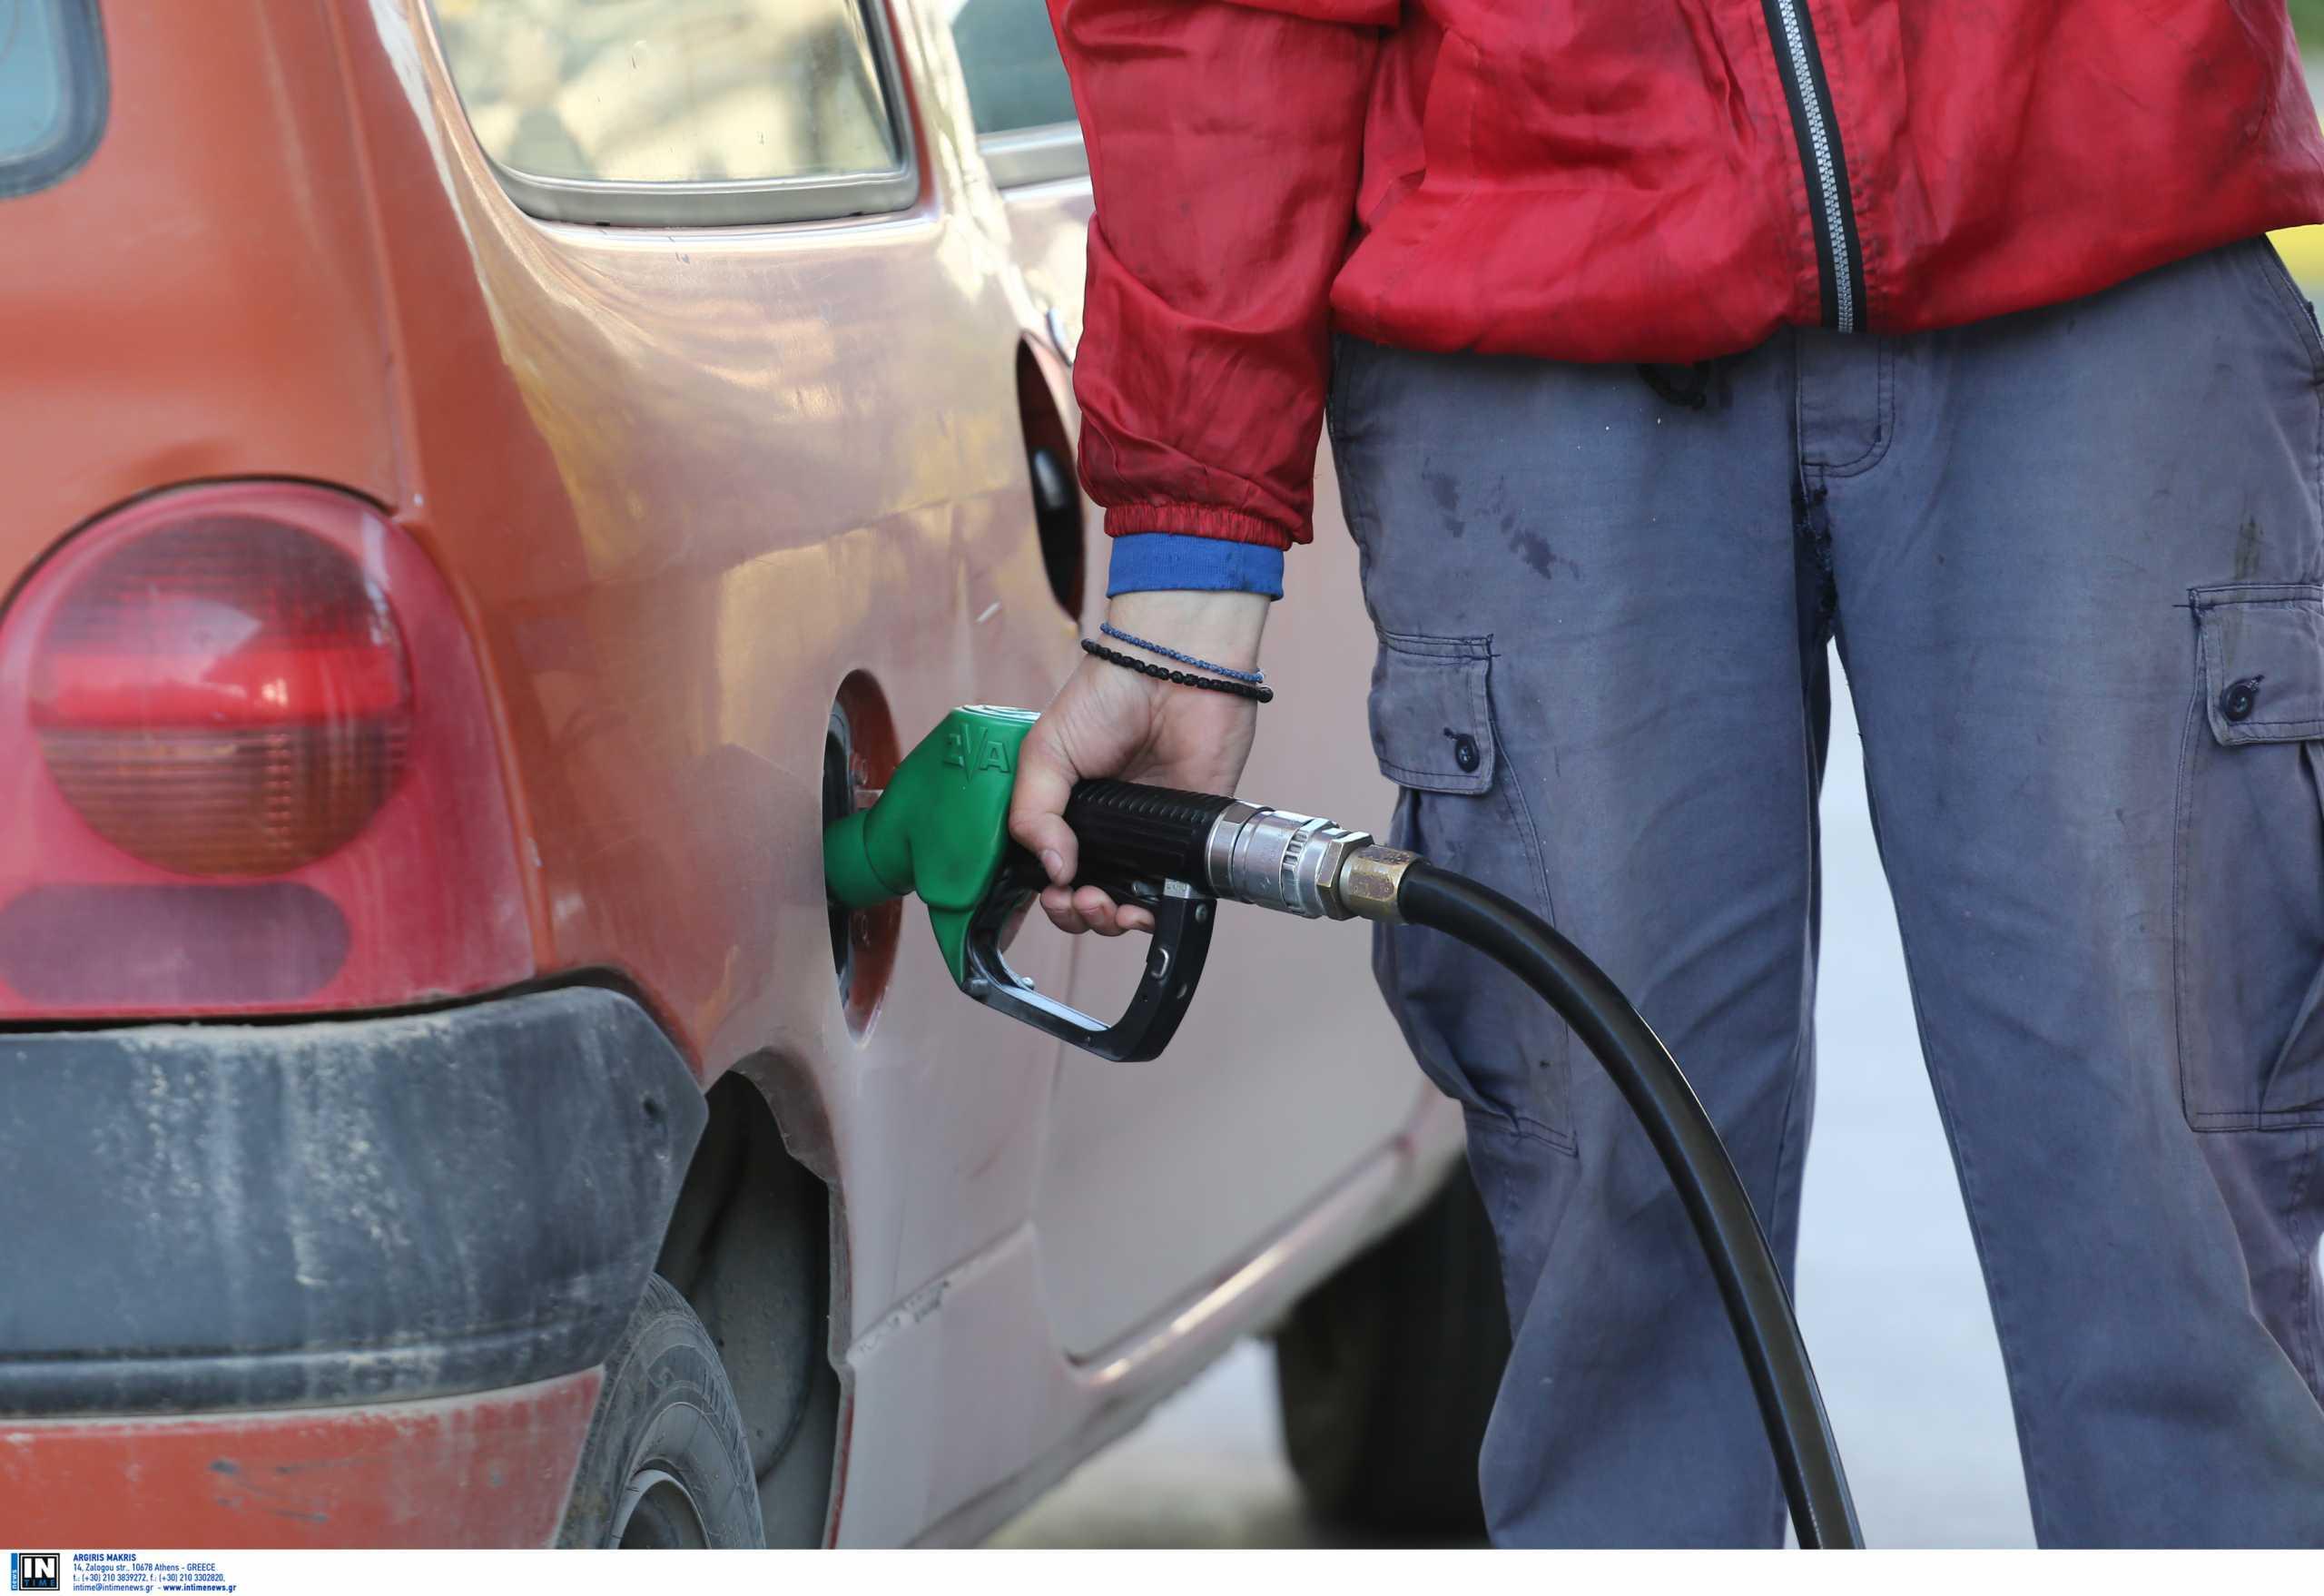 Ακριβή μου βενζίνη: Οι αυξήσεις στα καύσιμα εκτινάσσουν τον οικογενειακό προϋπολογισμό